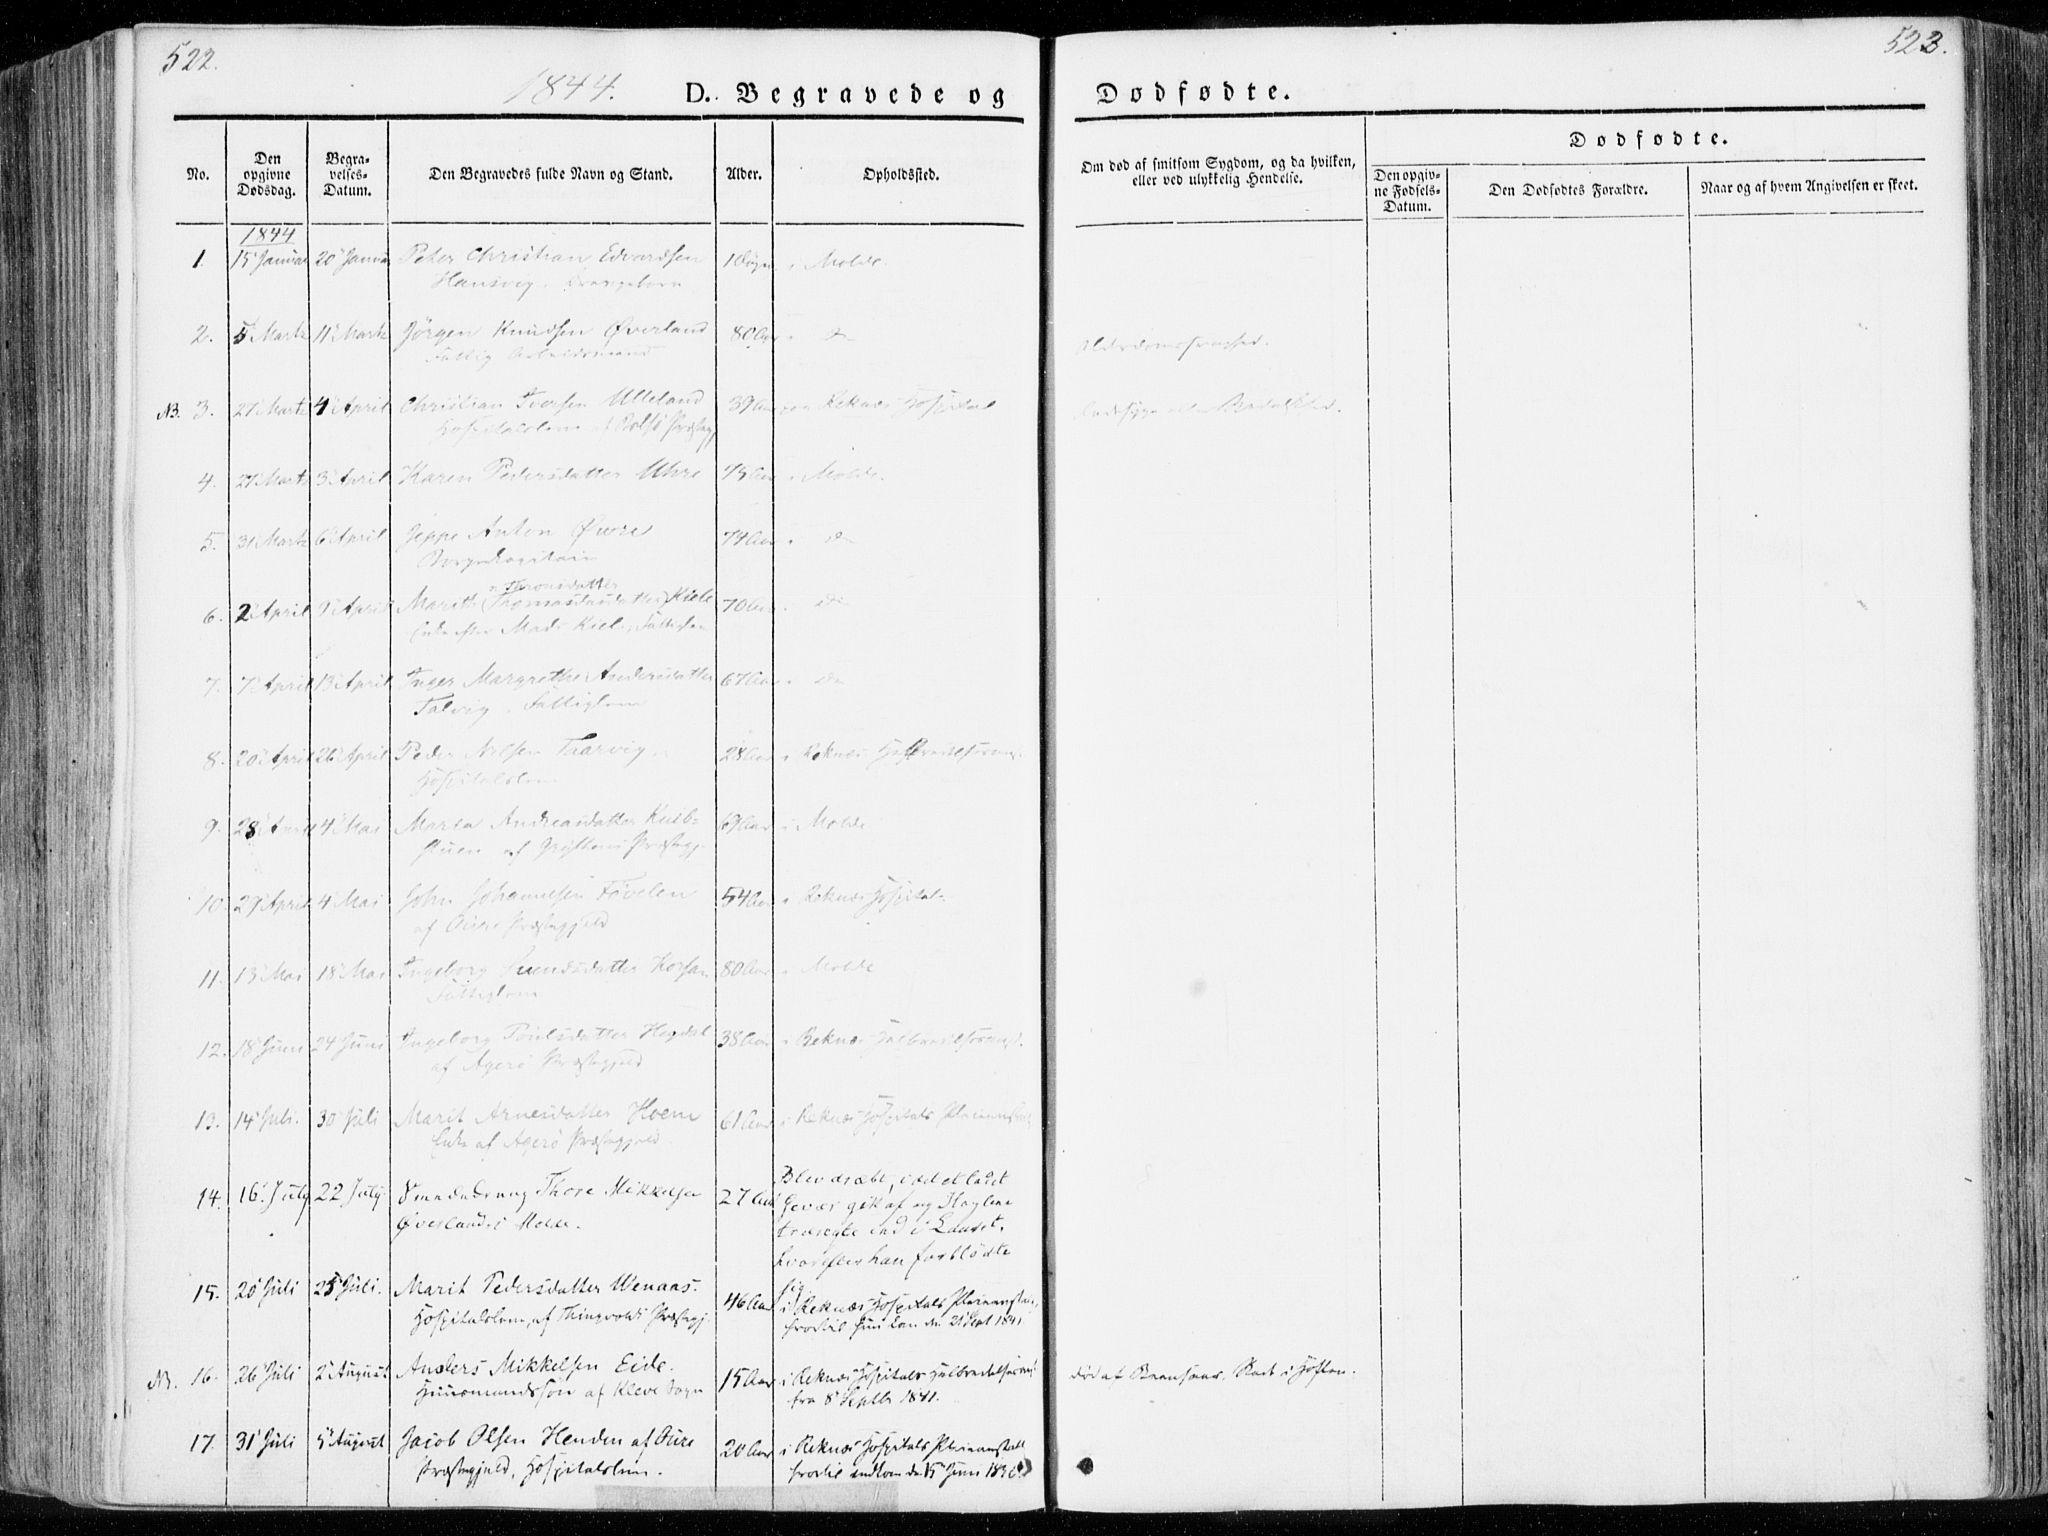 SAT, Ministerialprotokoller, klokkerbøker og fødselsregistre - Møre og Romsdal, 558/L0689: Ministerialbok nr. 558A03, 1843-1872, s. 522-523